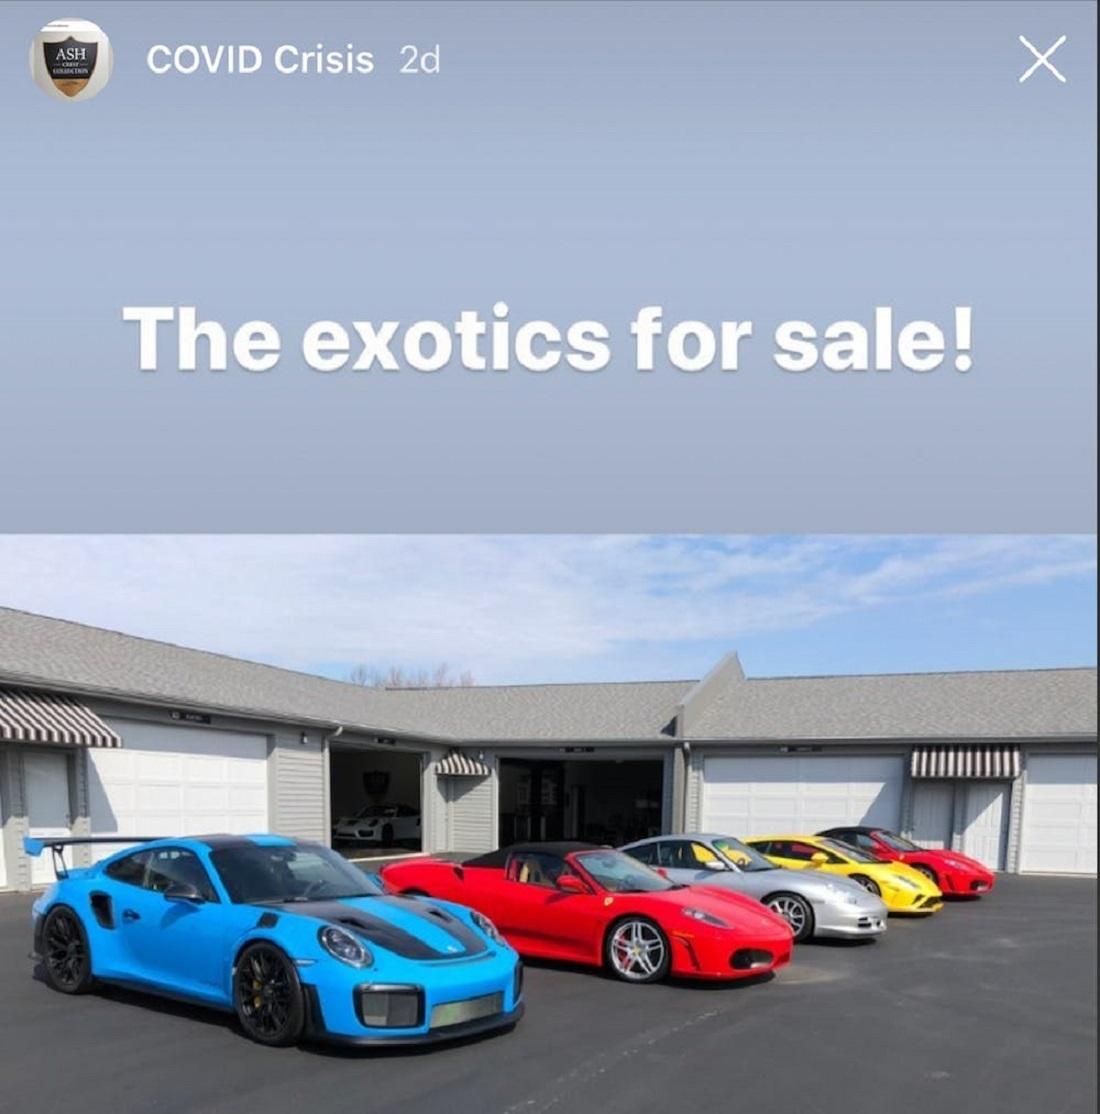 Đại gia bán 7 siêu xe để hỗ trợ người thất nghiệp do Covid-19